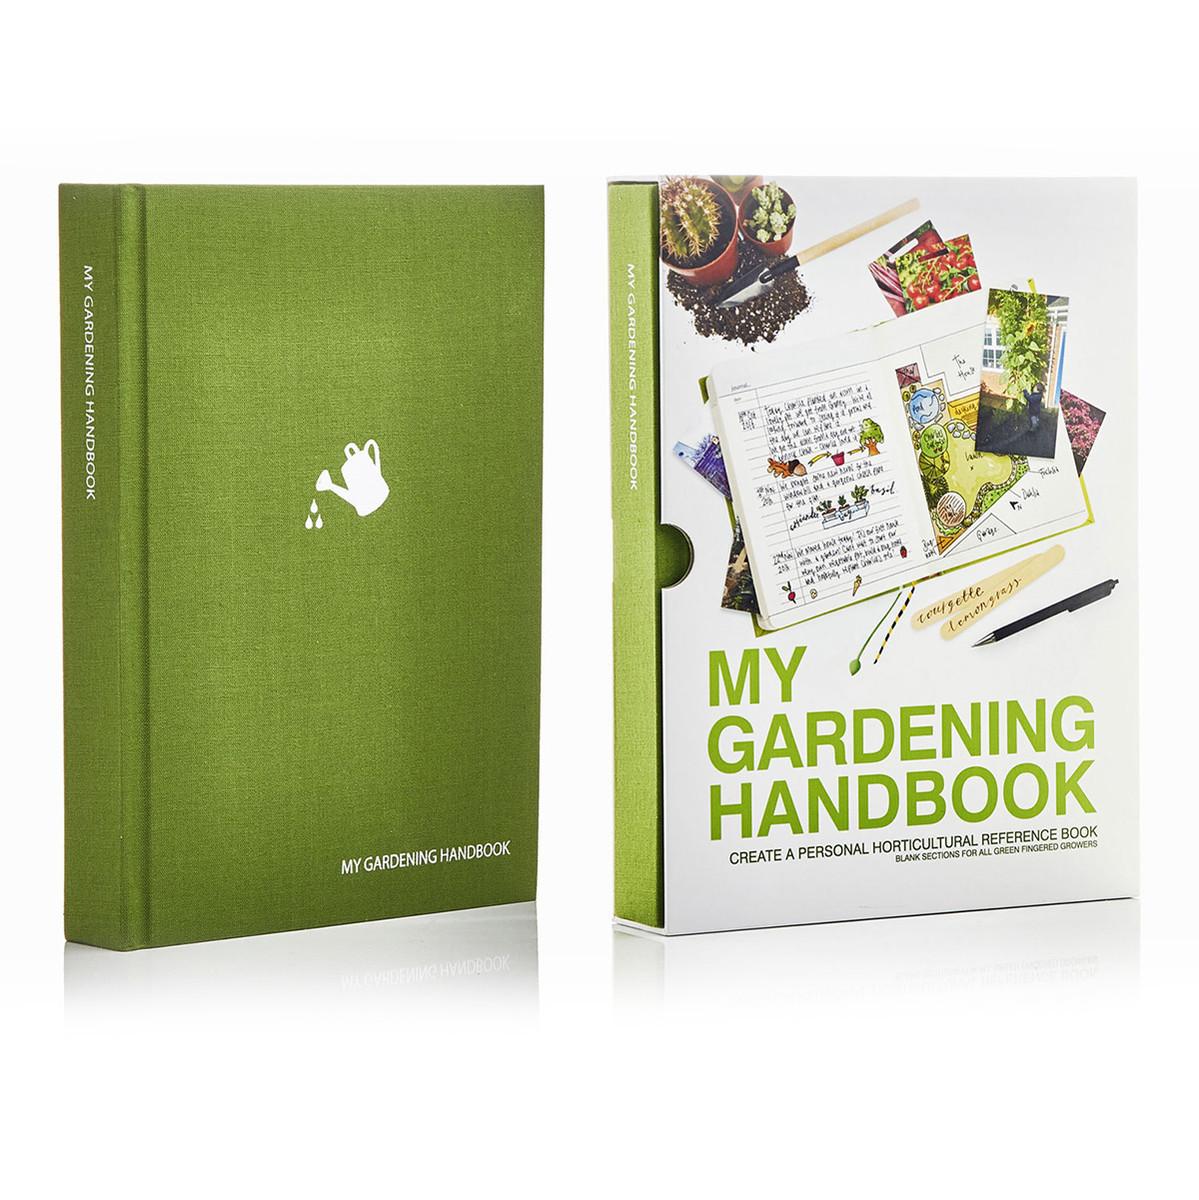 Suck Uk: My Gardening Handbook image